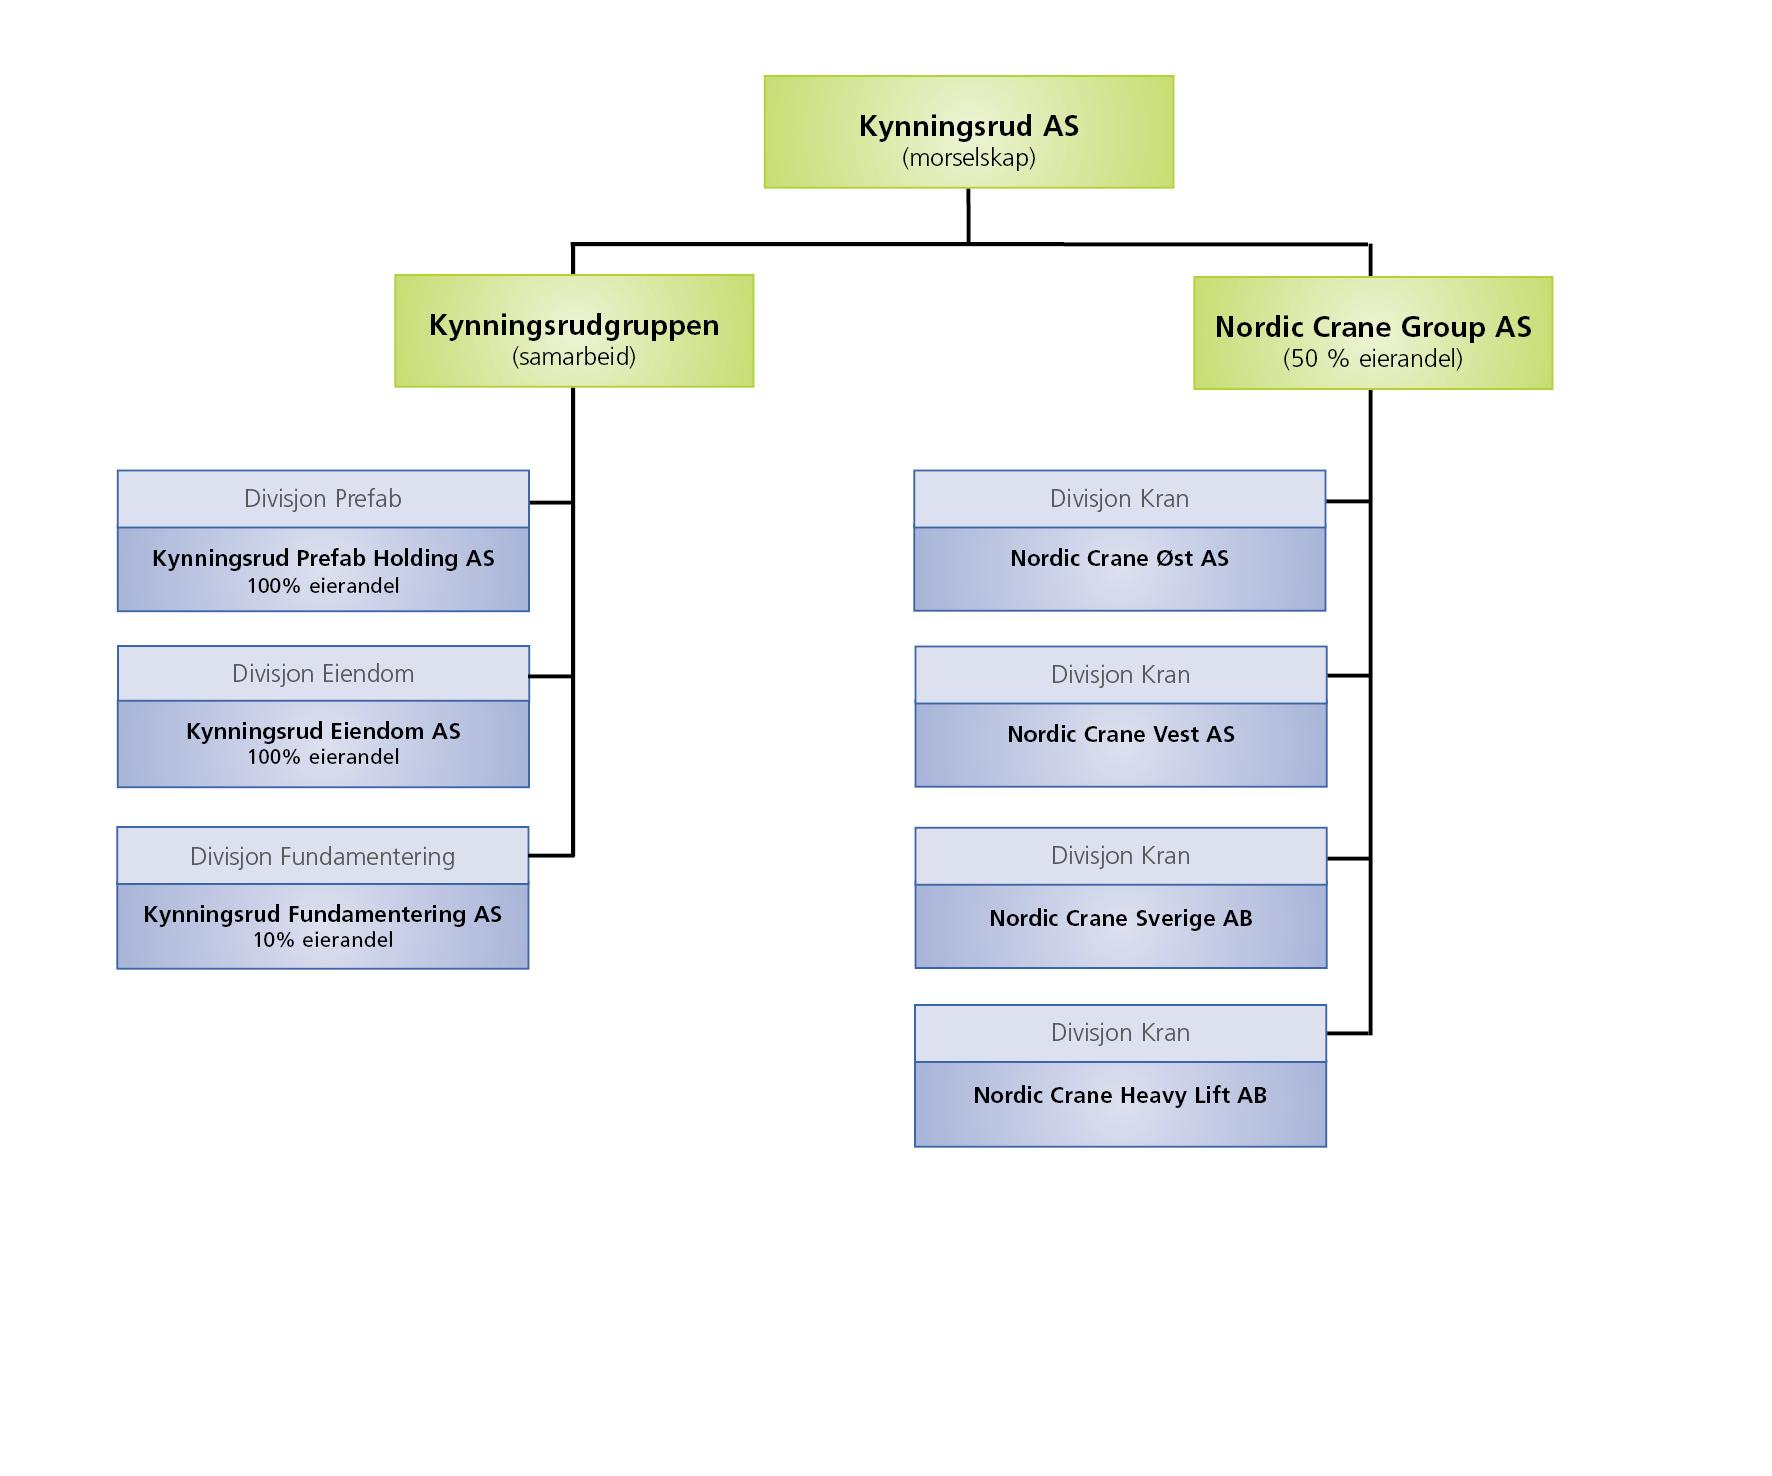 Organisasjonsstruktur_KynningsrudAS_2014_norsk_stående-web